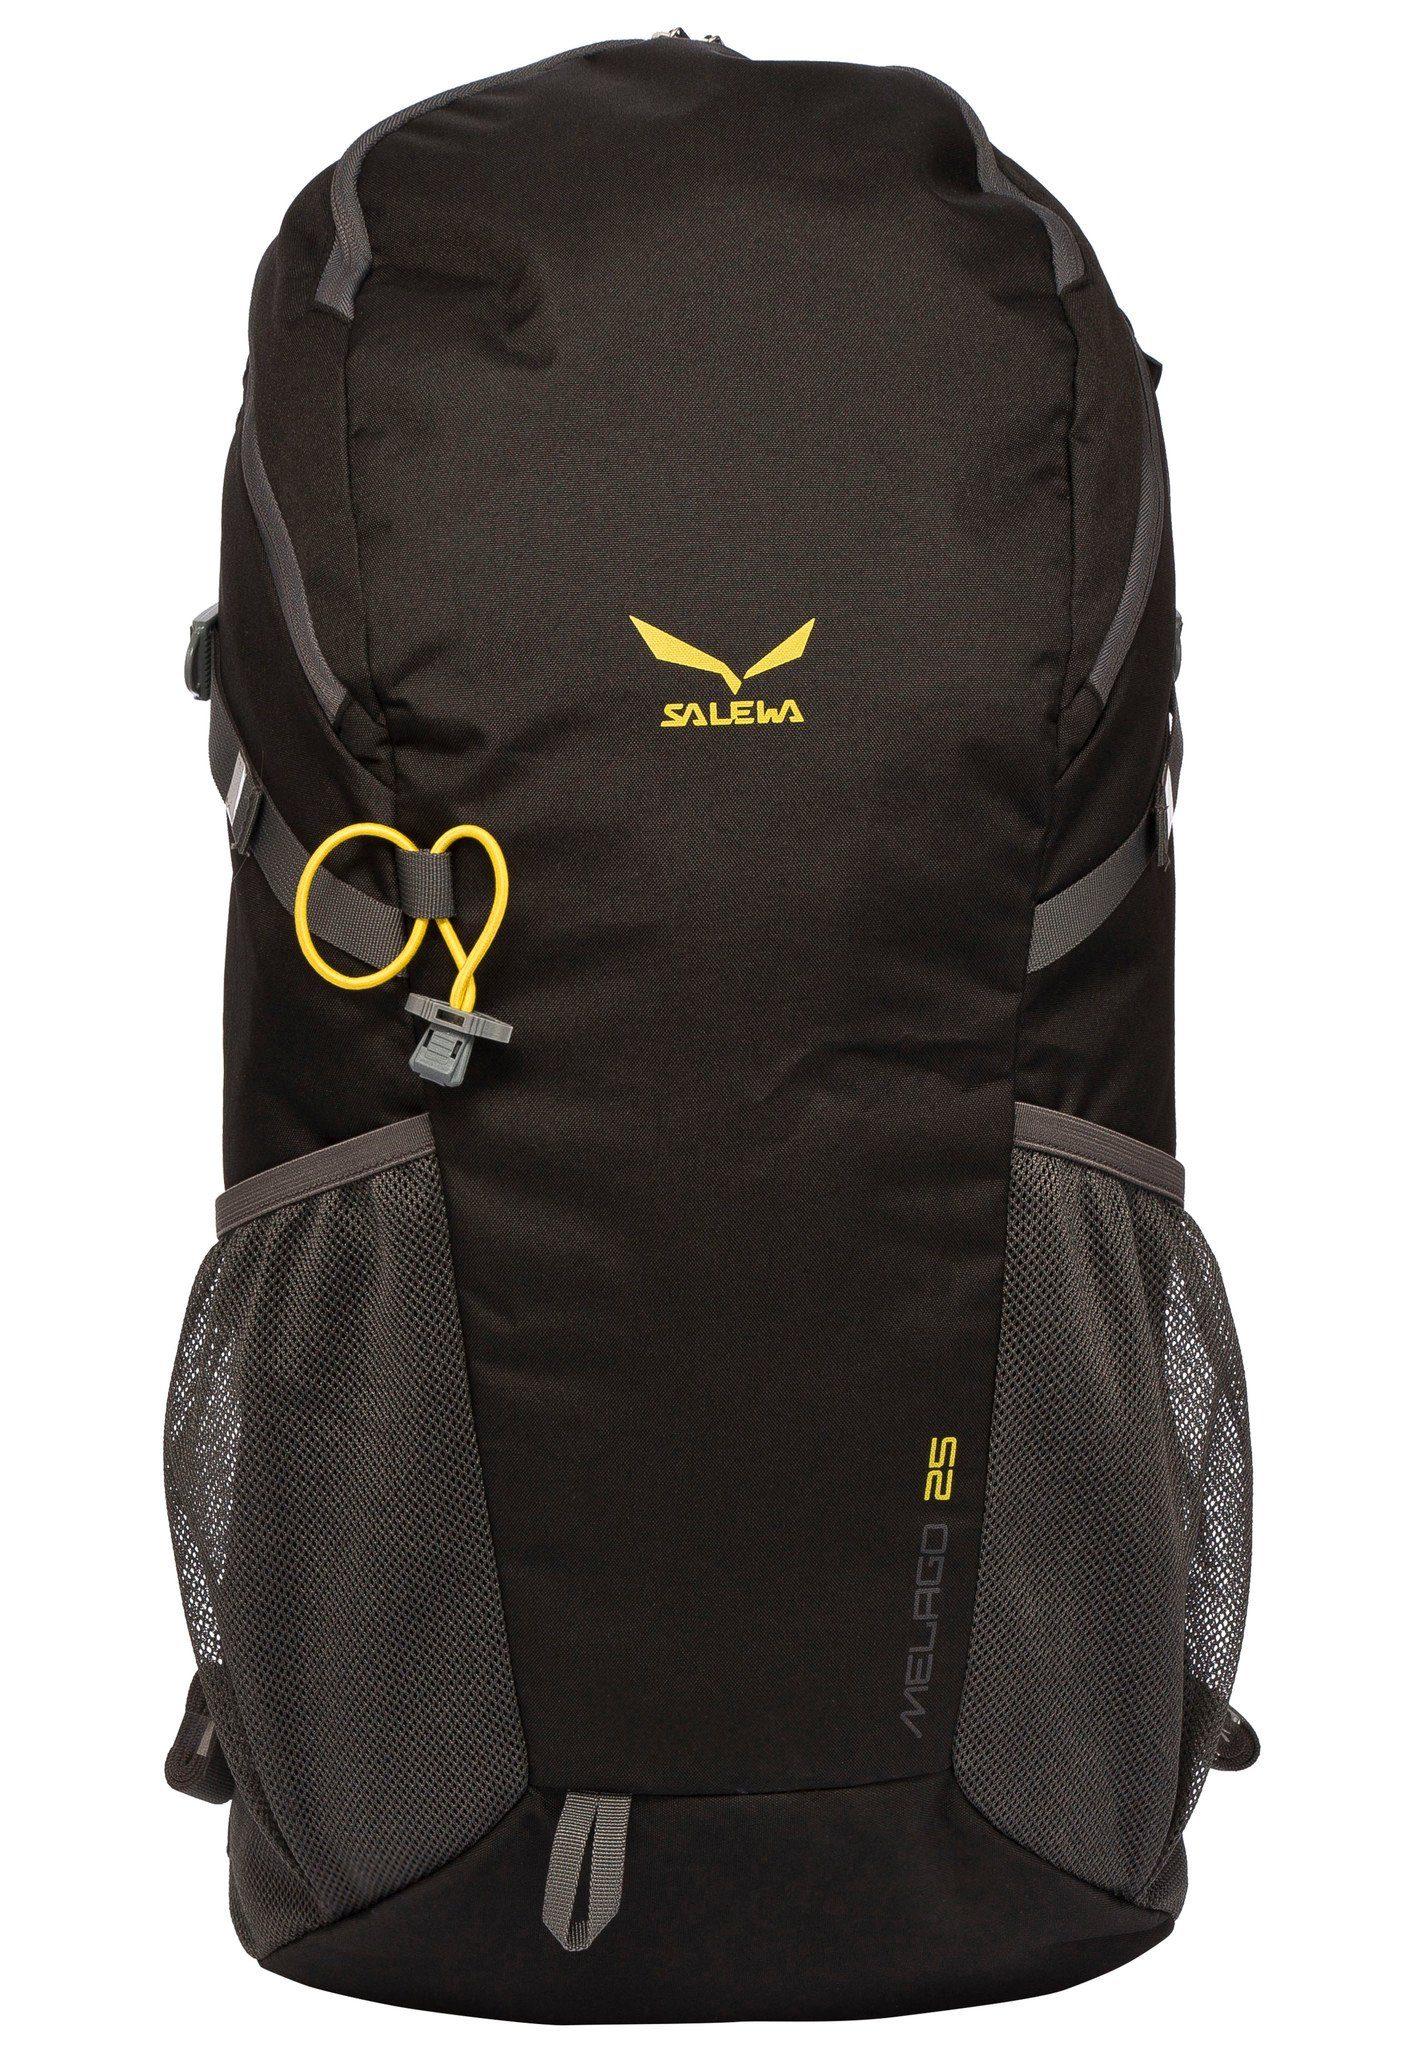 Salewa Wanderrucksack »Melago 25 Backpack«